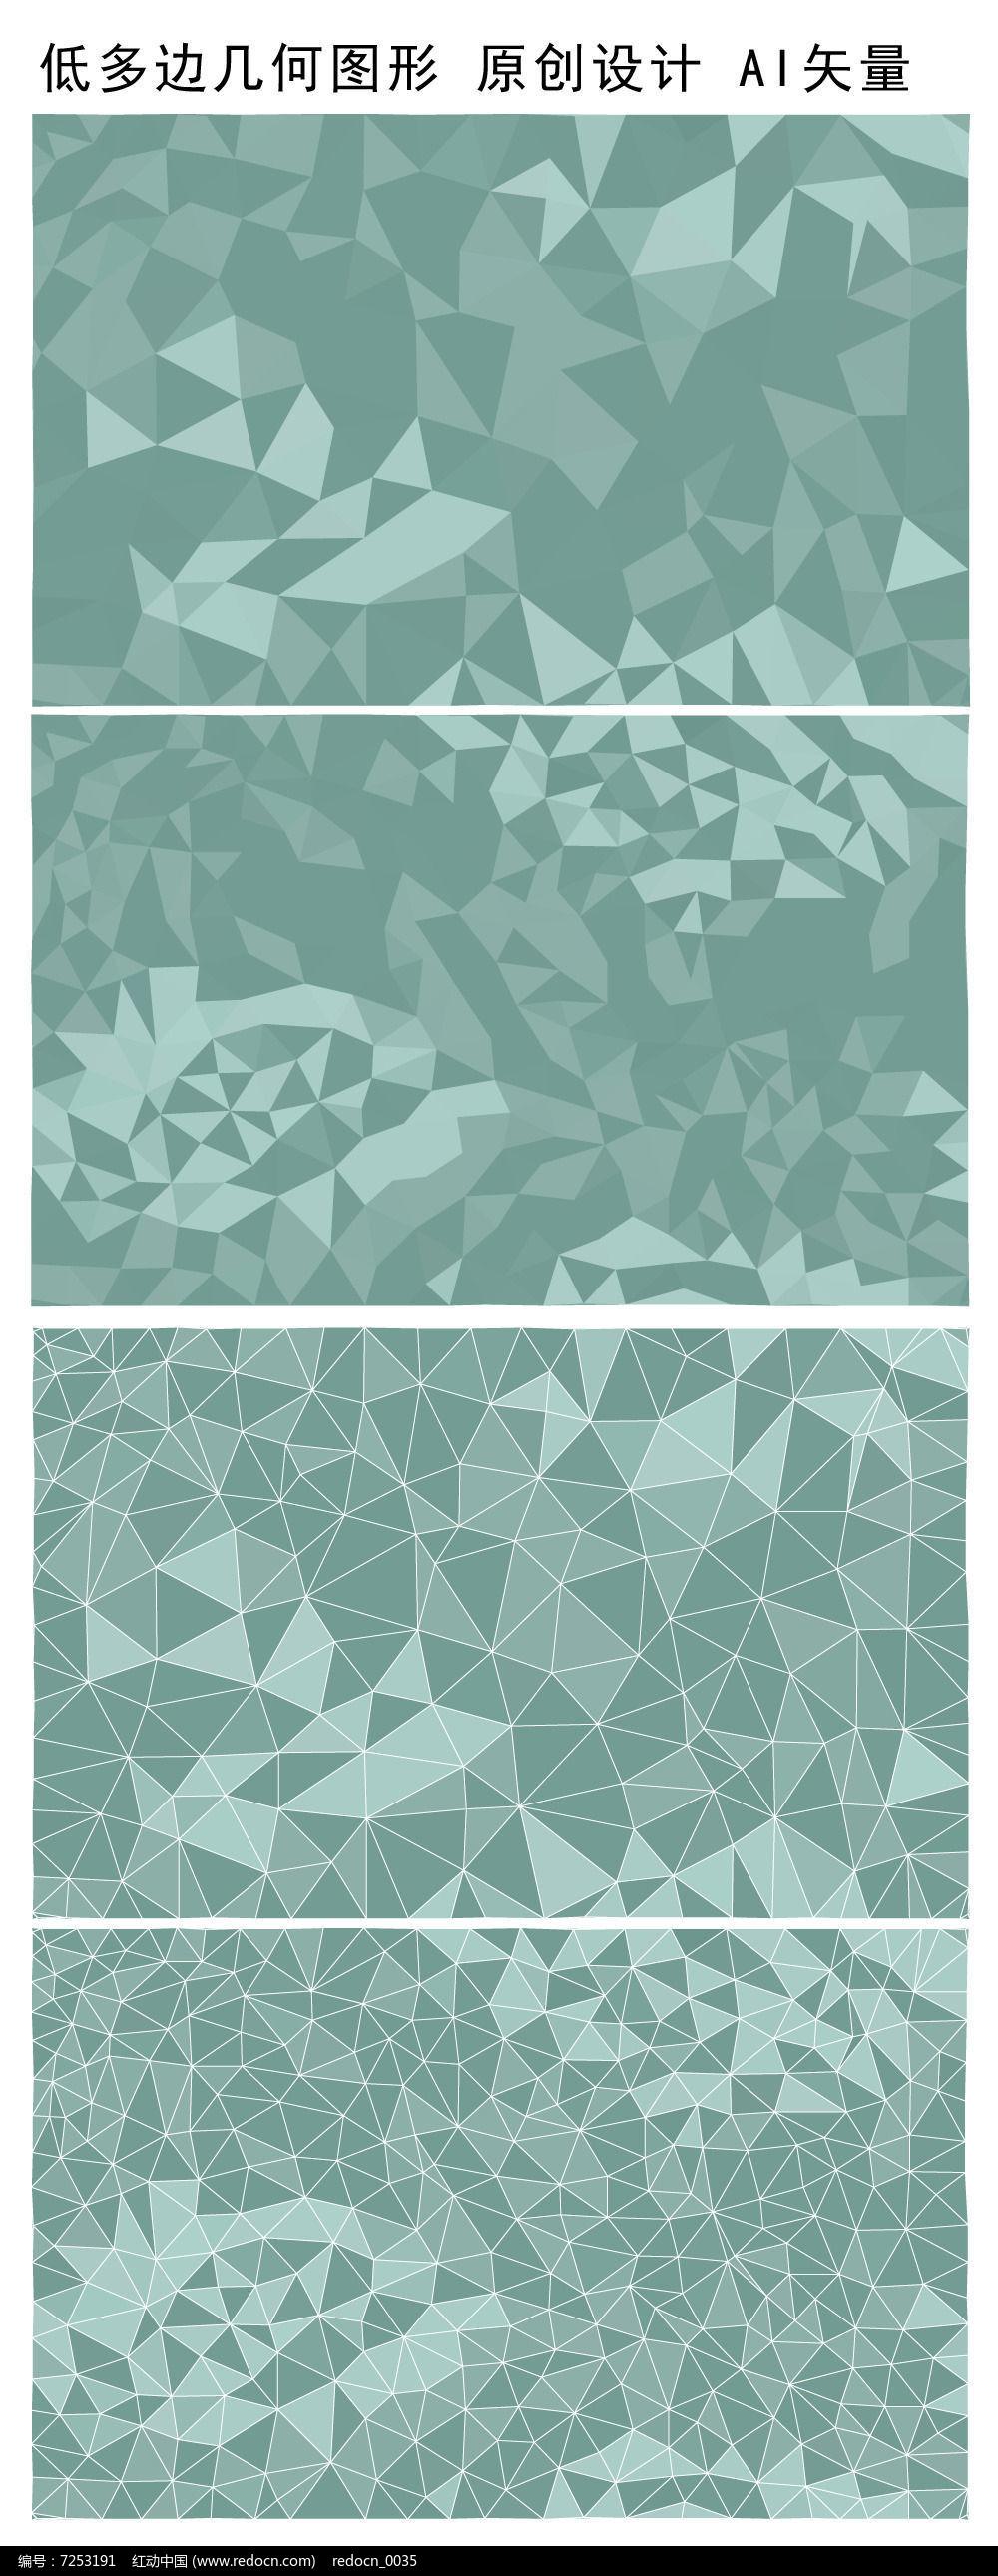 墨绿几何多边形印花背景图片